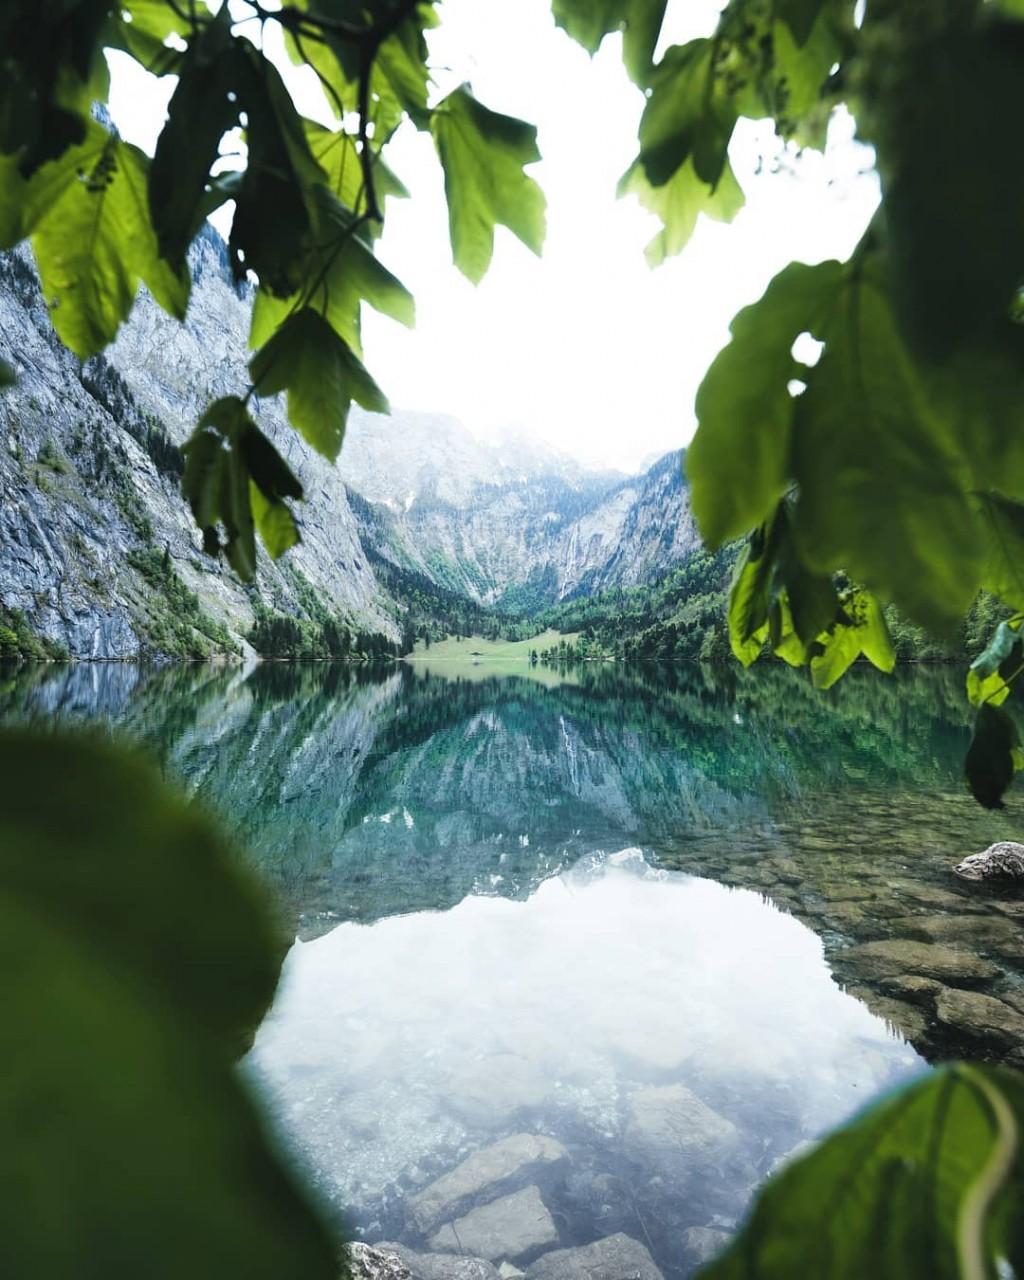 Потрясающие приключенческие и пейзажные фотографии Яна Гаврона